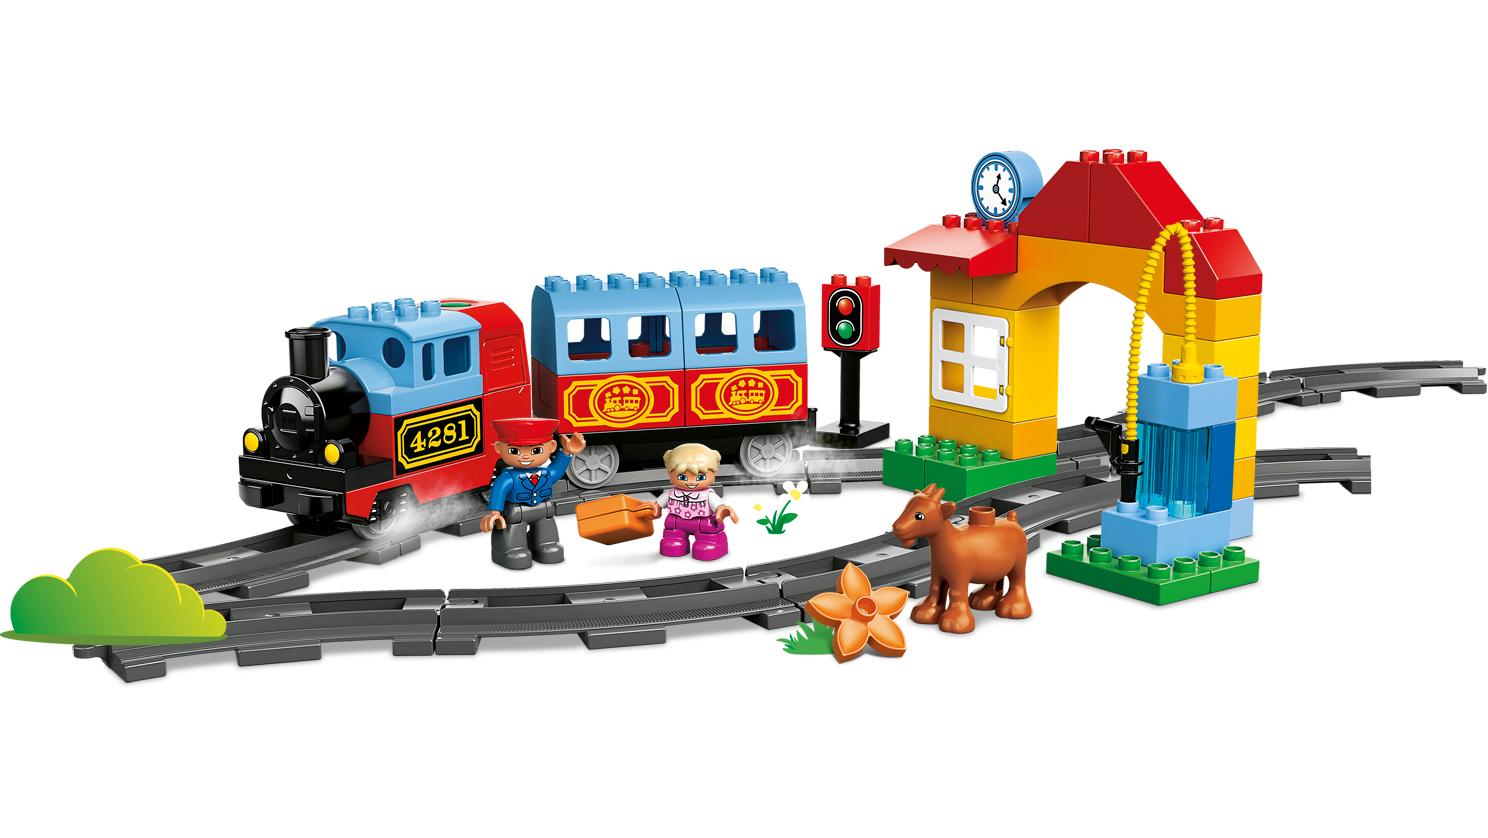 Lego Duplo Mój Pierwszy Pociąg 10507 Ceny I Opinie Na Skapiecpl